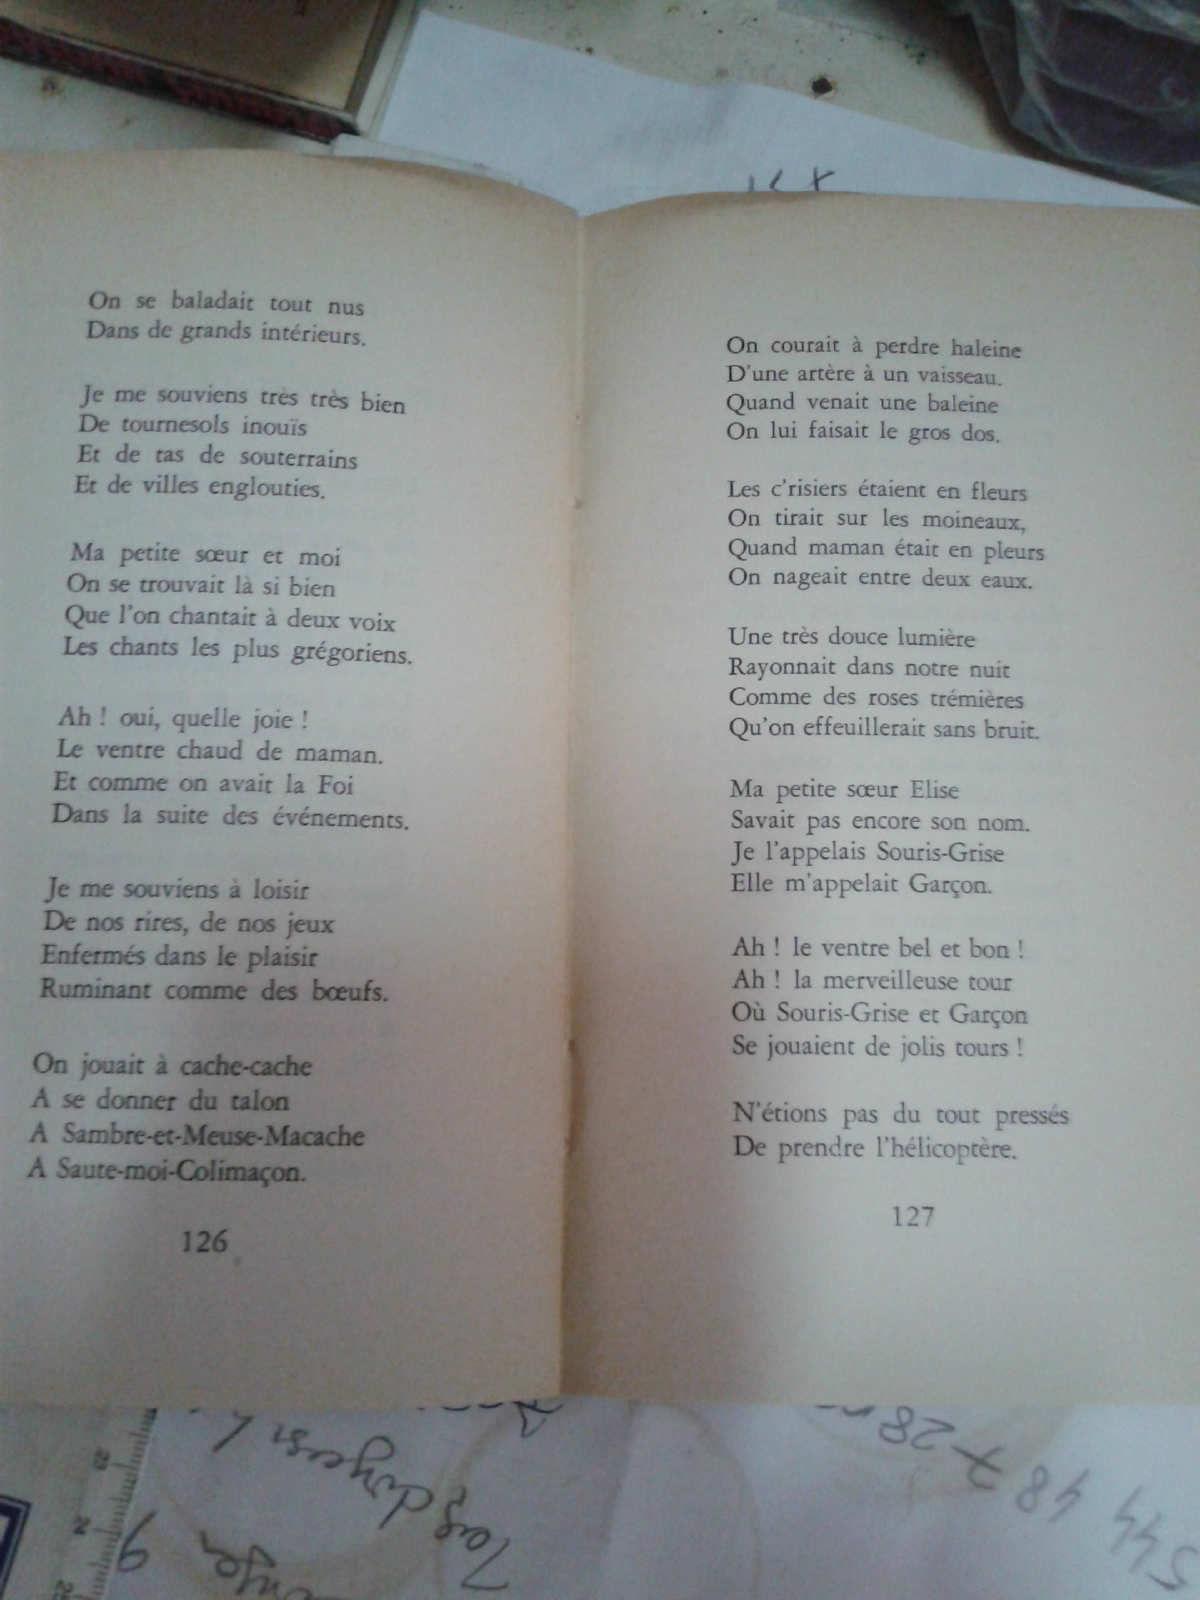 Rene De Obaldia Poemes Paris 1969 *kargo Bizden concernant Jeux De La Petite Souris